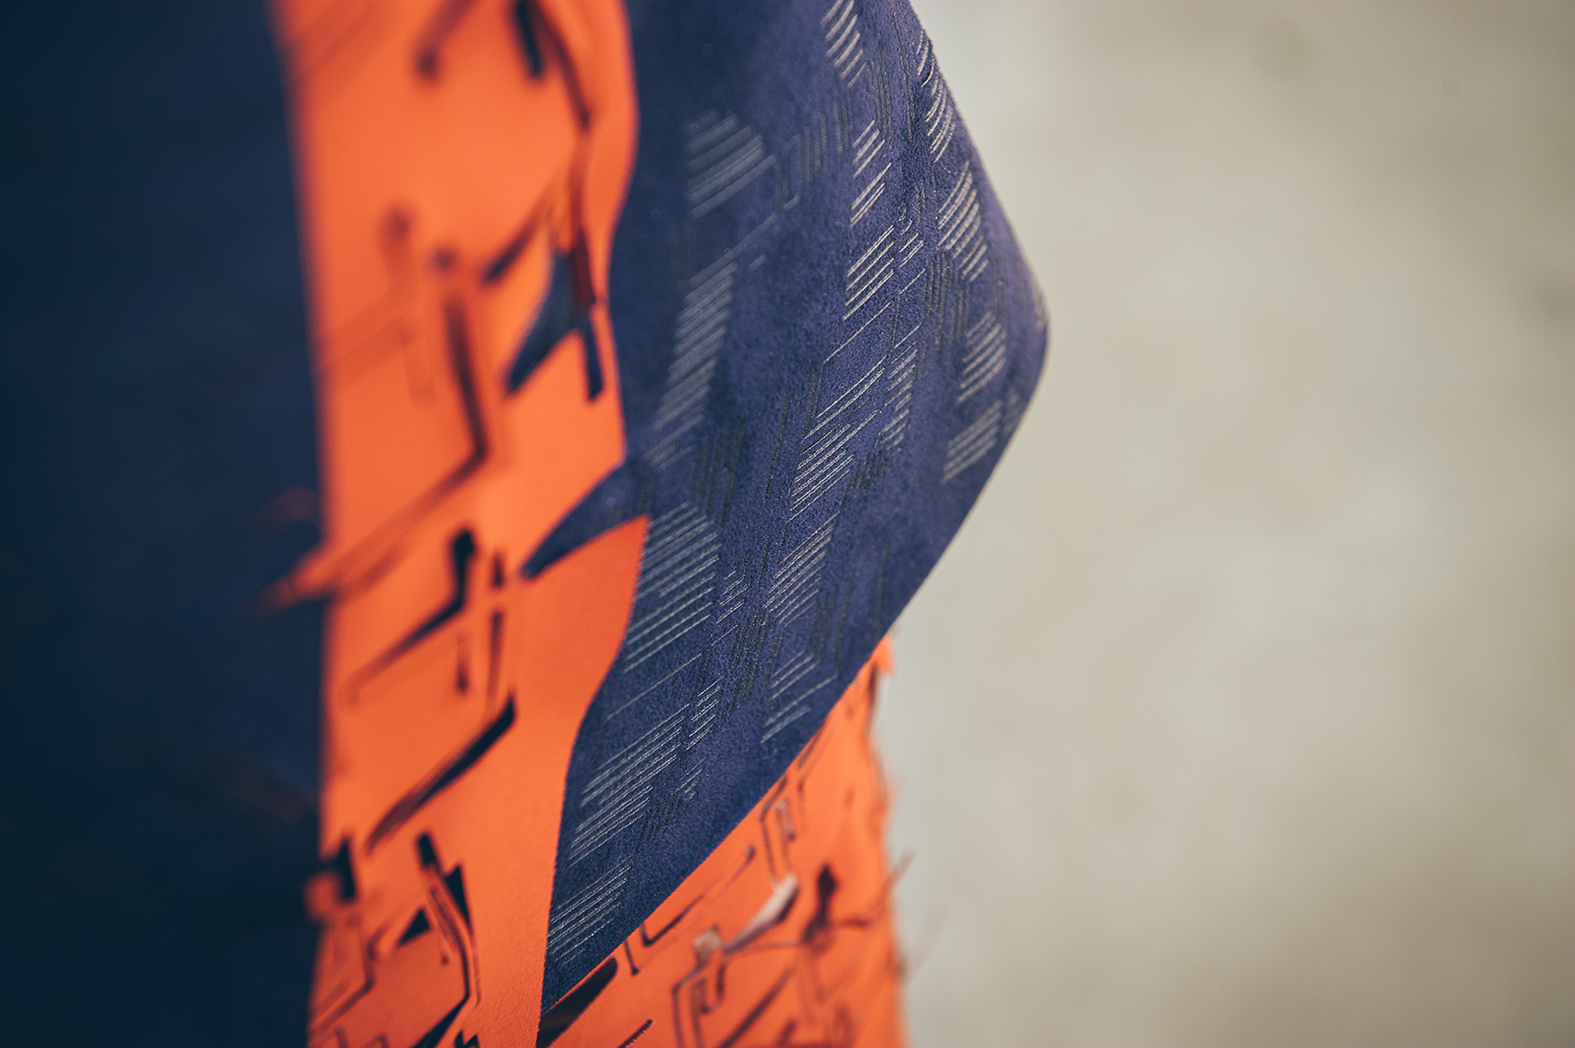 Arts & Crafts | Aniek van der Padt